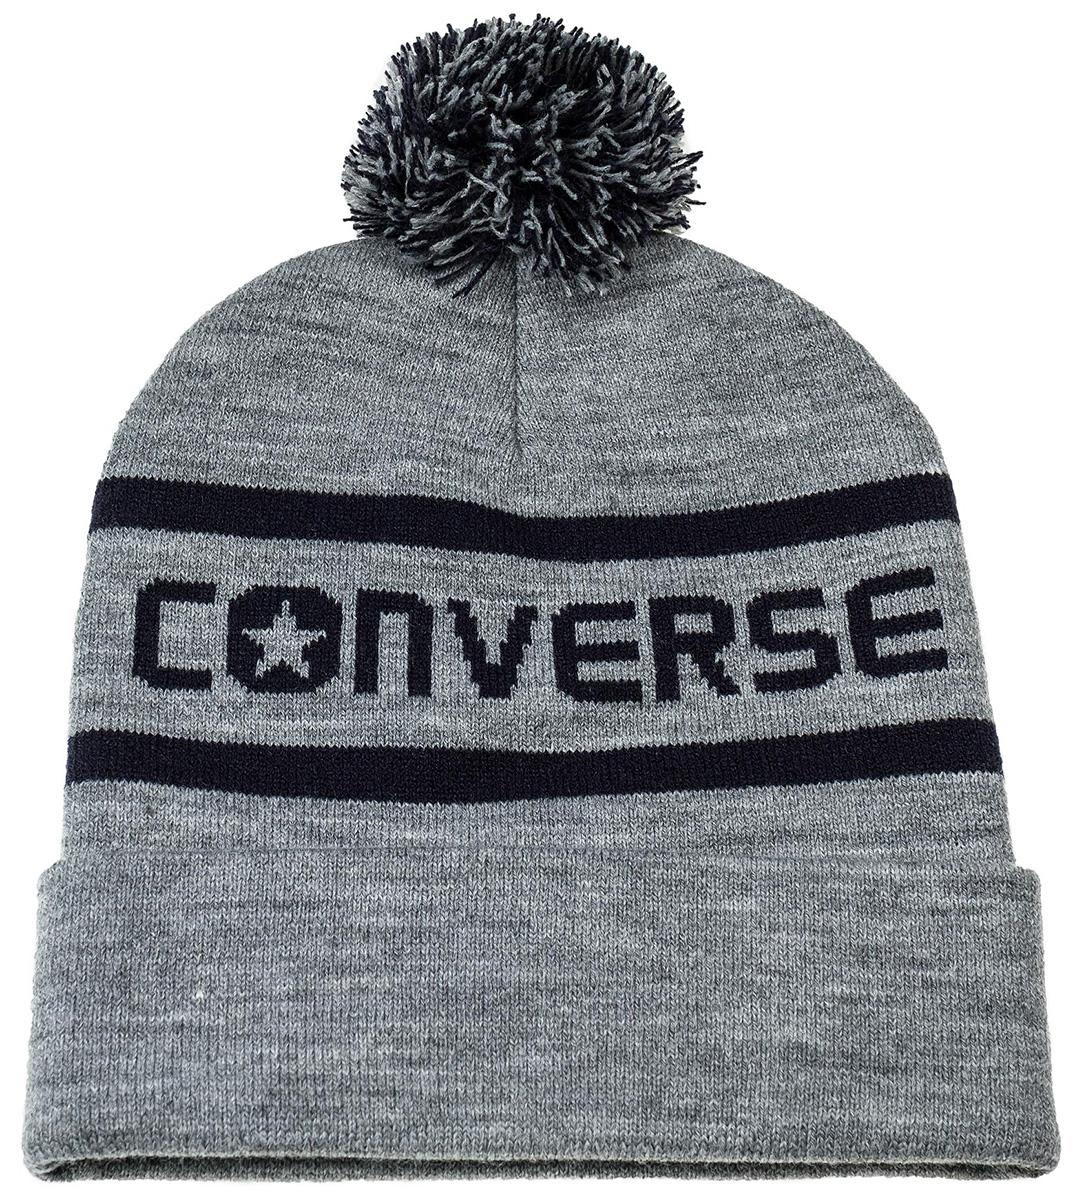 Шапка Converse Wordmark Pom Knit, цвет: серый. 562285. Размер универсальный562285Шапка Converse изготовленная из 100% акрила мягкая, комфортная и теплая. Практичная форма шапки делает ее очень комфортной. Качественная пряжа не линяет и не растягивается. Модель дополнена отворотом и помпоном.. Шапка Converse прекрасно дополнит ваш наряд и не позволит вам замерзнуть в прохладное время года.